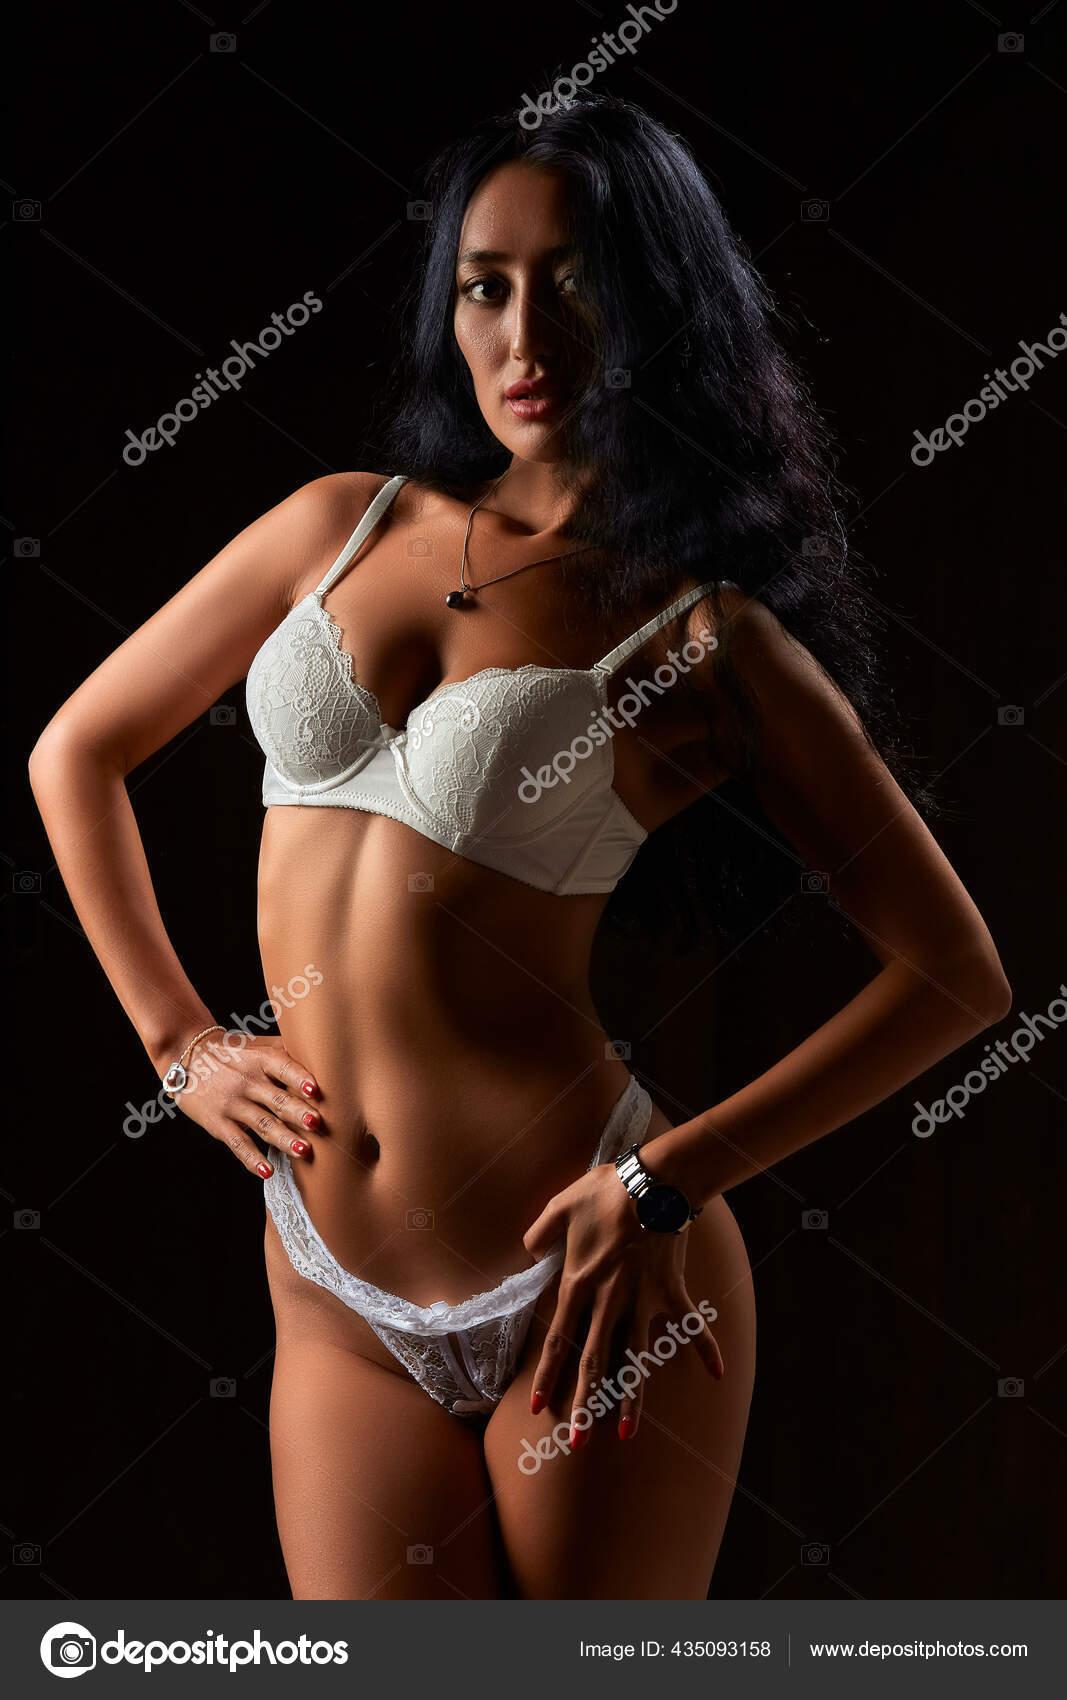 Frauen junge nackte sexy Mädchensex Porno